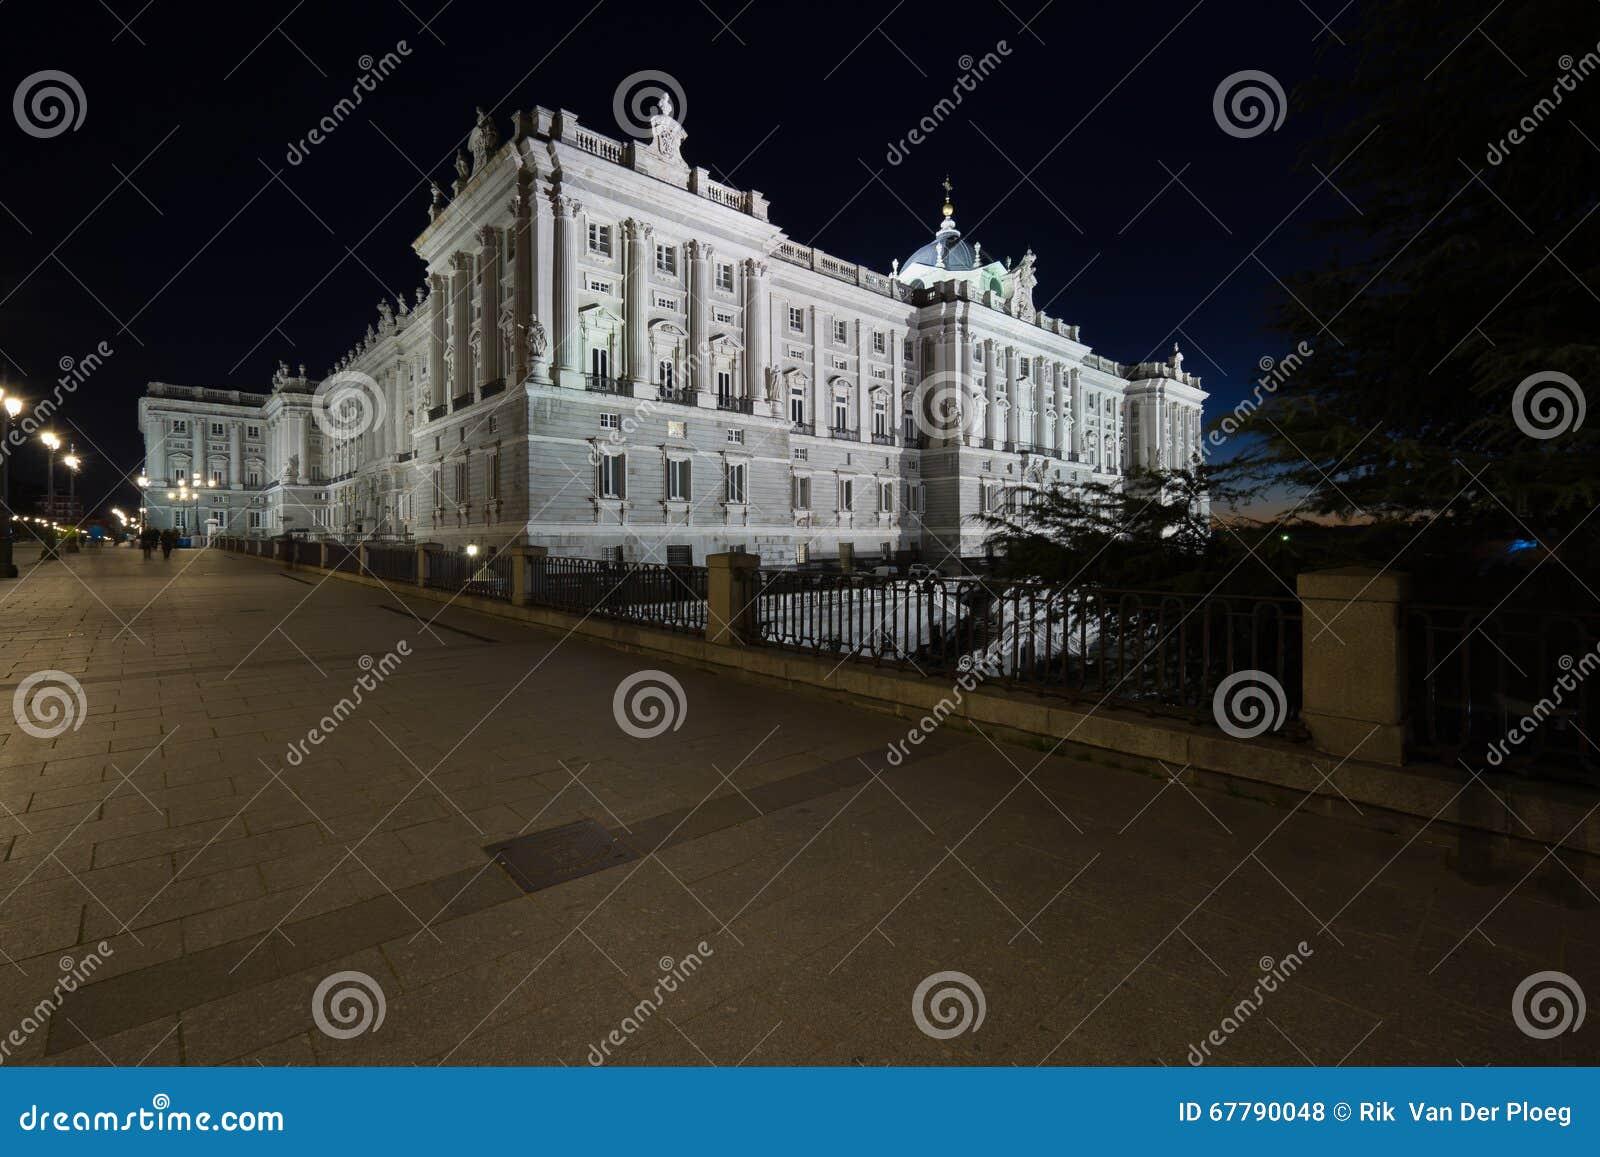 Widok Palacio real nocą